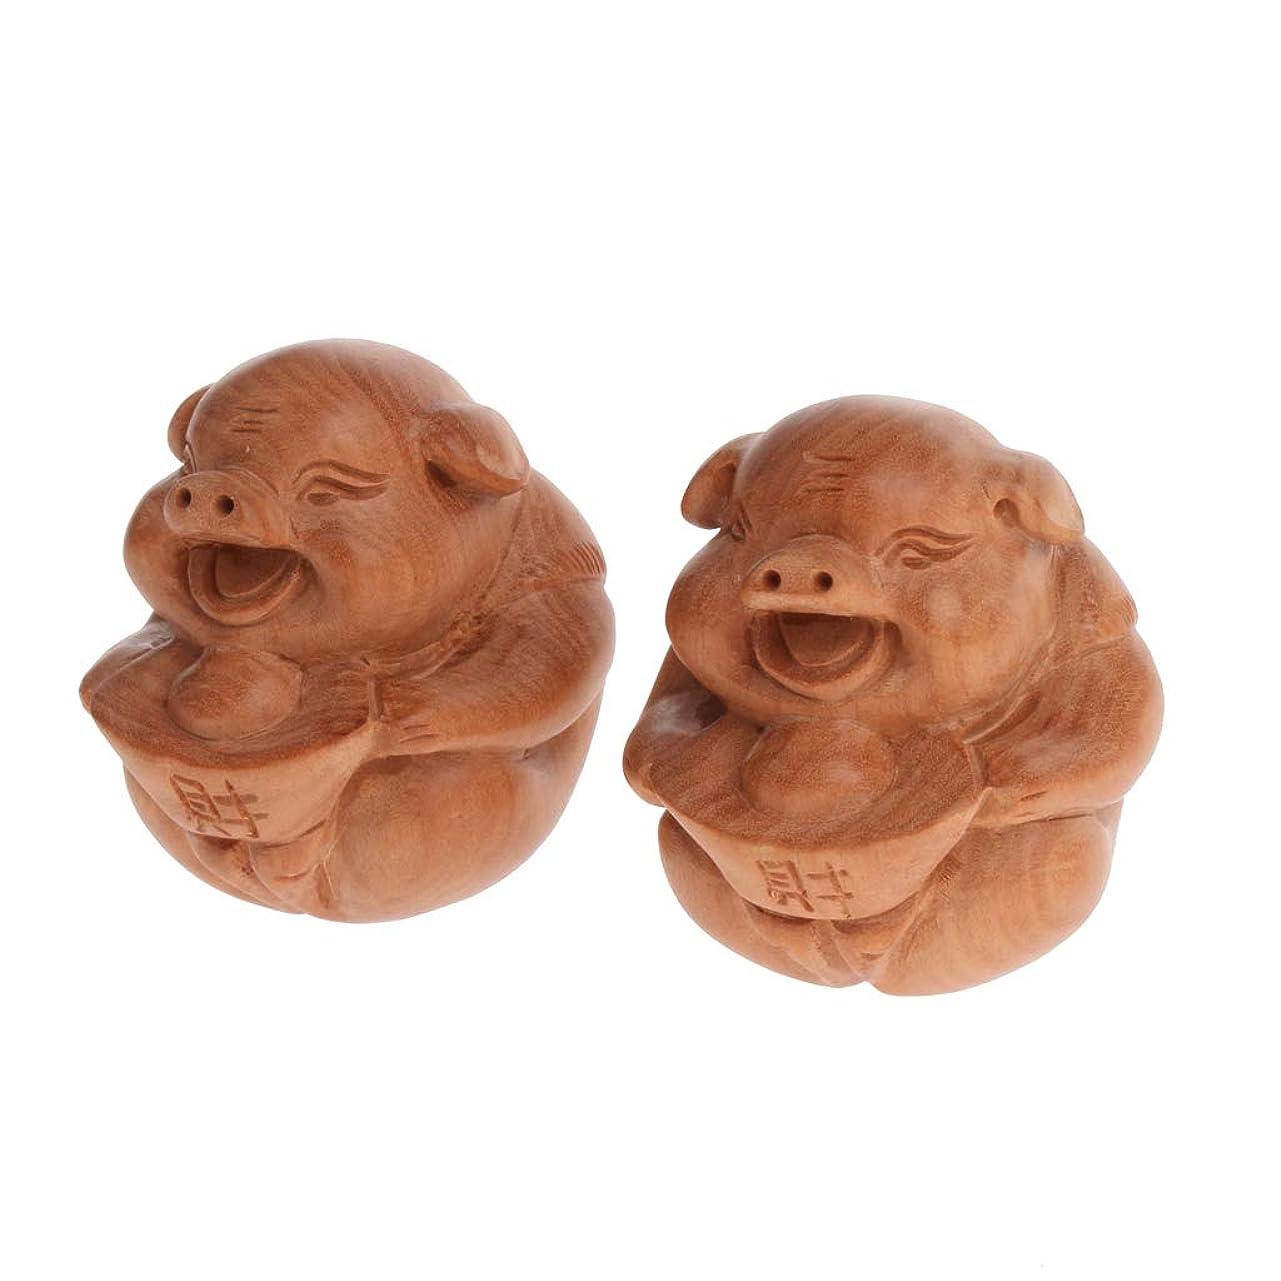 衣服控える簡潔なchiwanji 木製 指エクササイズ ボール マッサージボール フェイシャルエステツール 持ち運び 可能